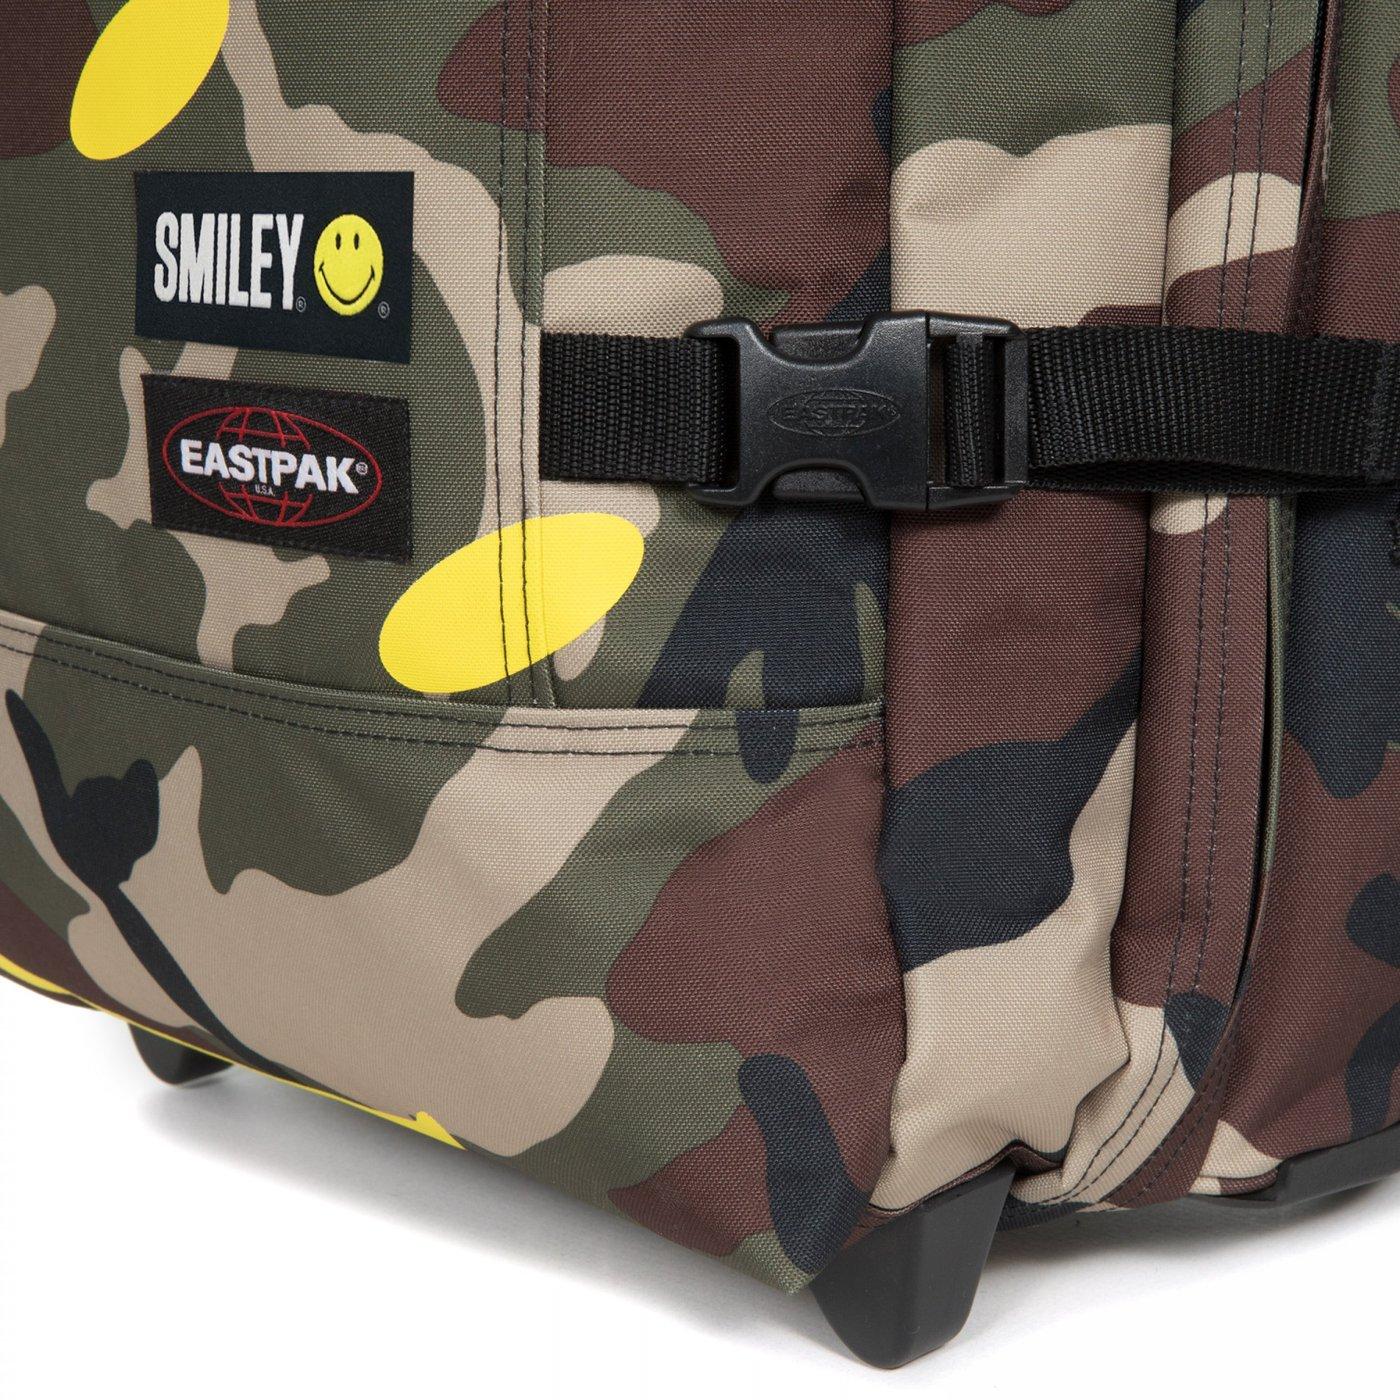 Eastpak Tranverz S Smiley Unisex Yeşil Tekerlekli Bavul